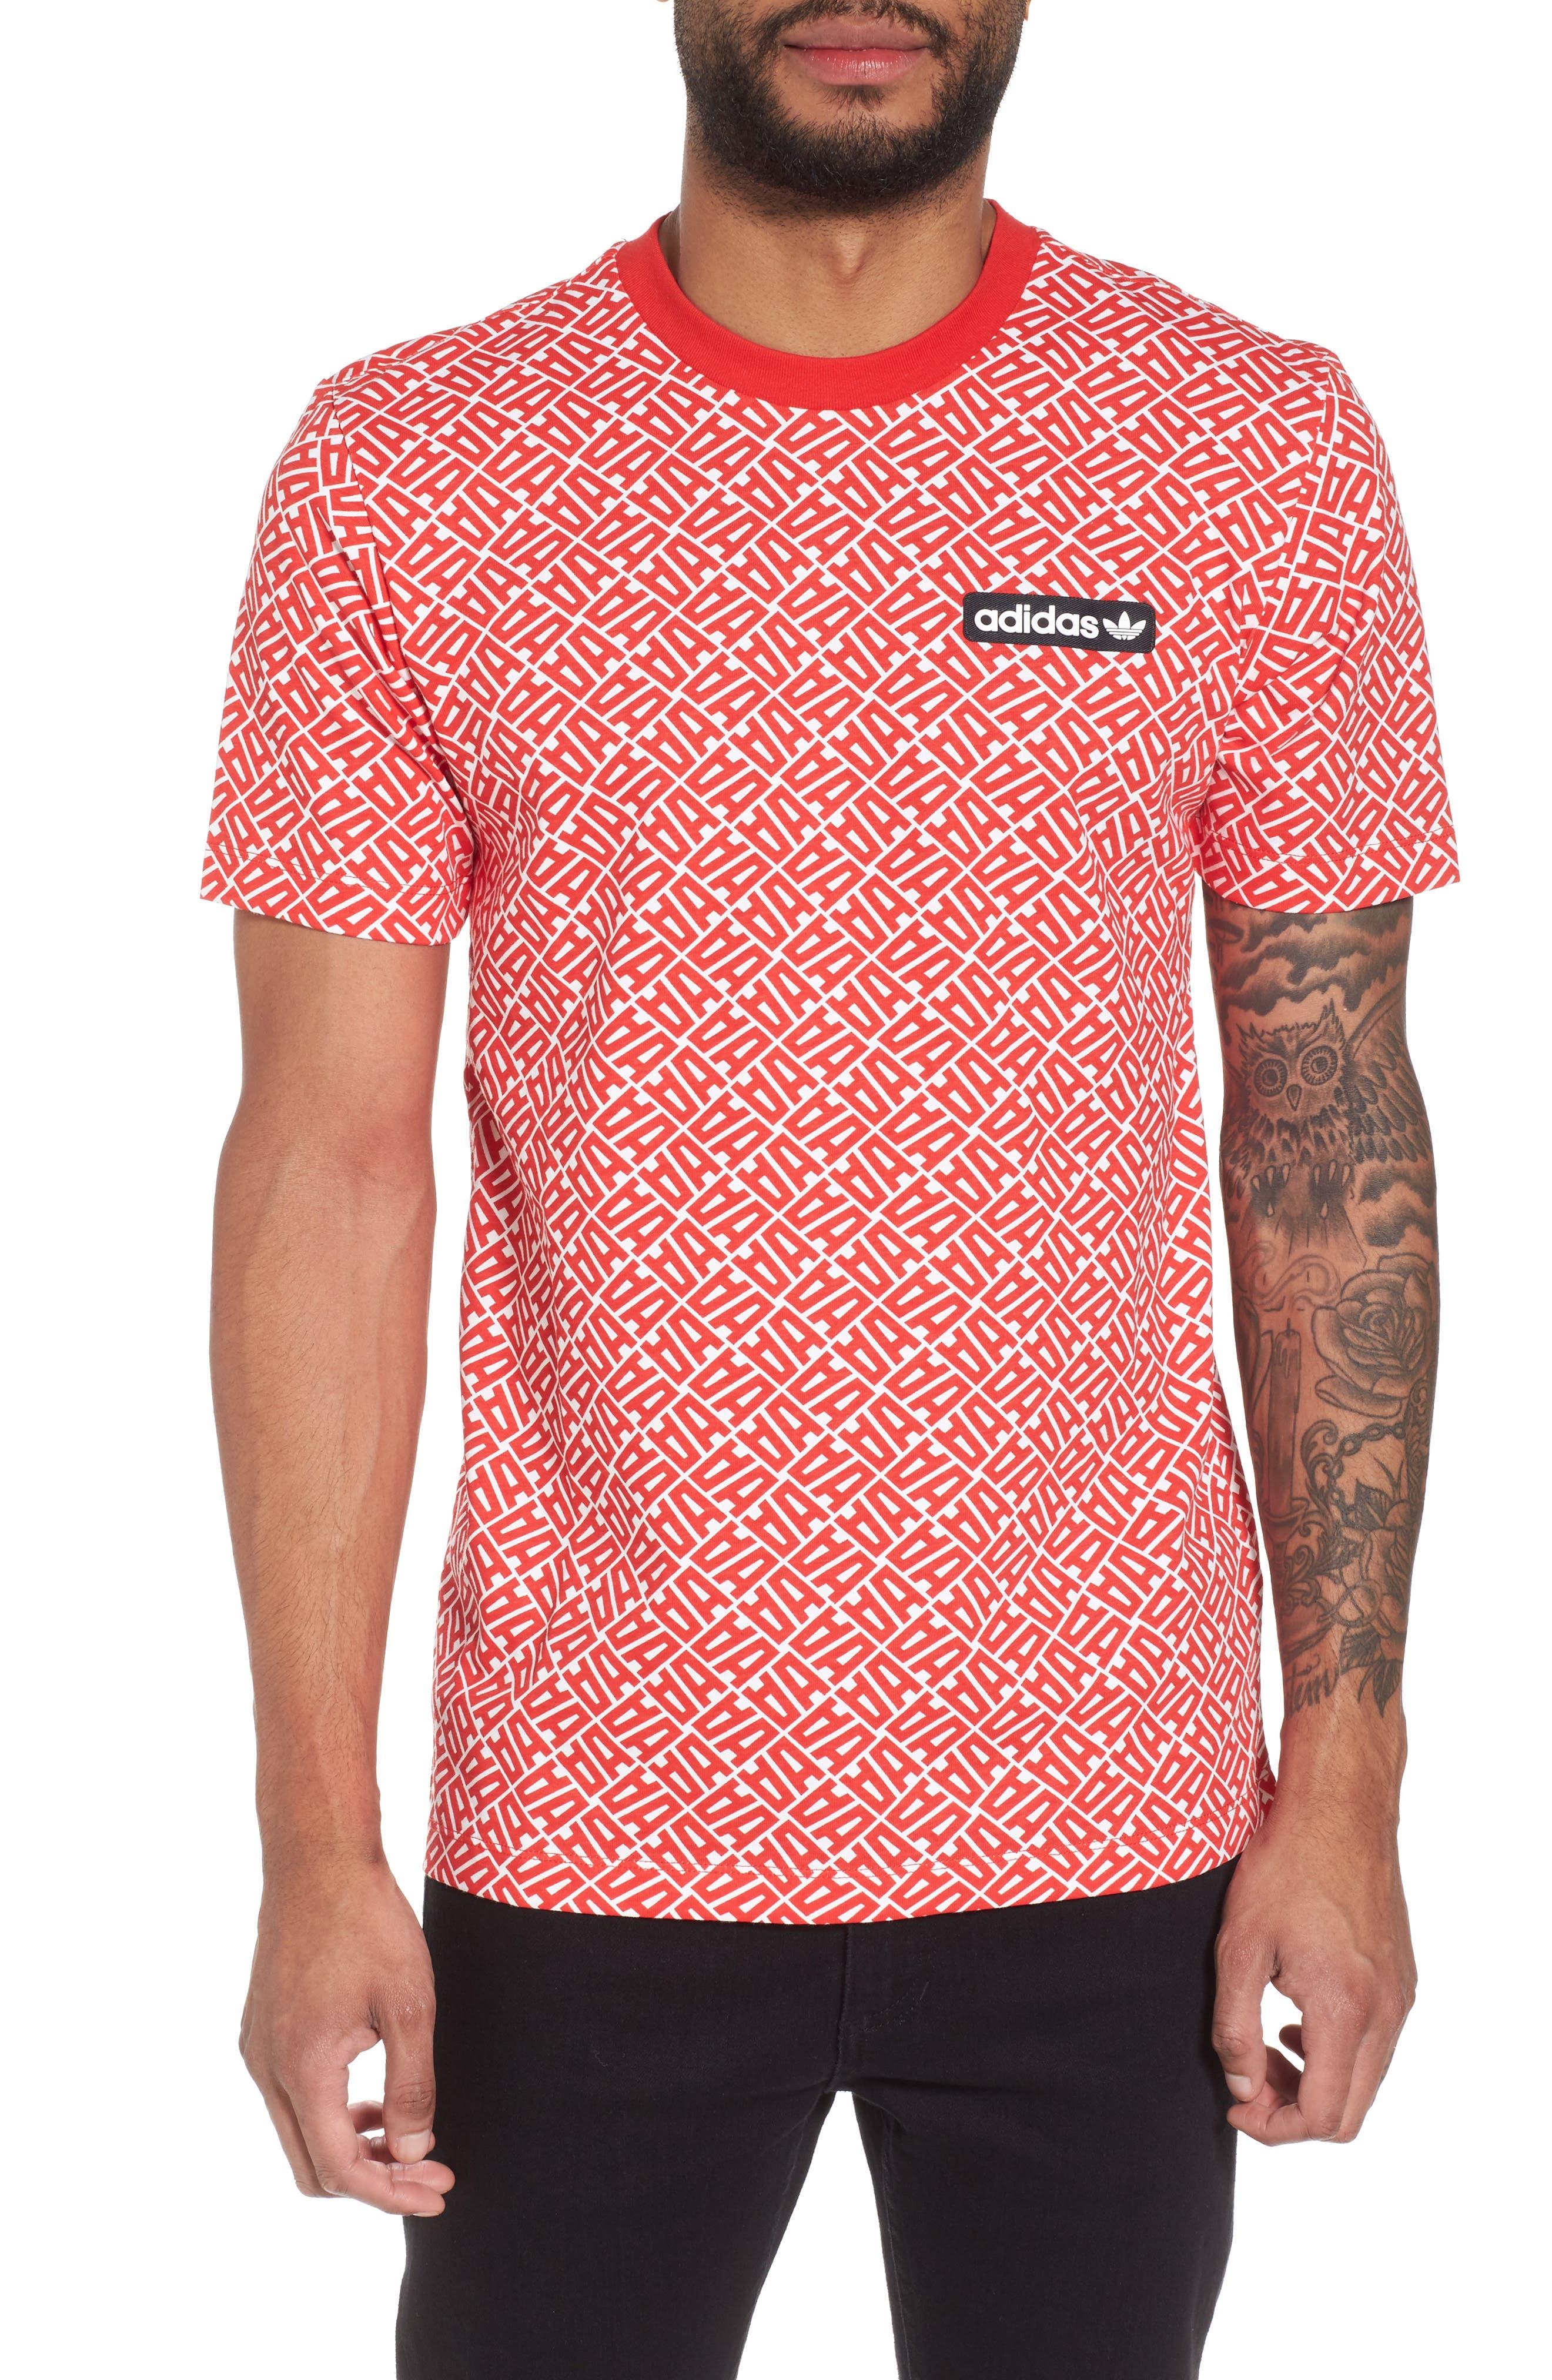 adidas Originals Anichkov T-Shirt